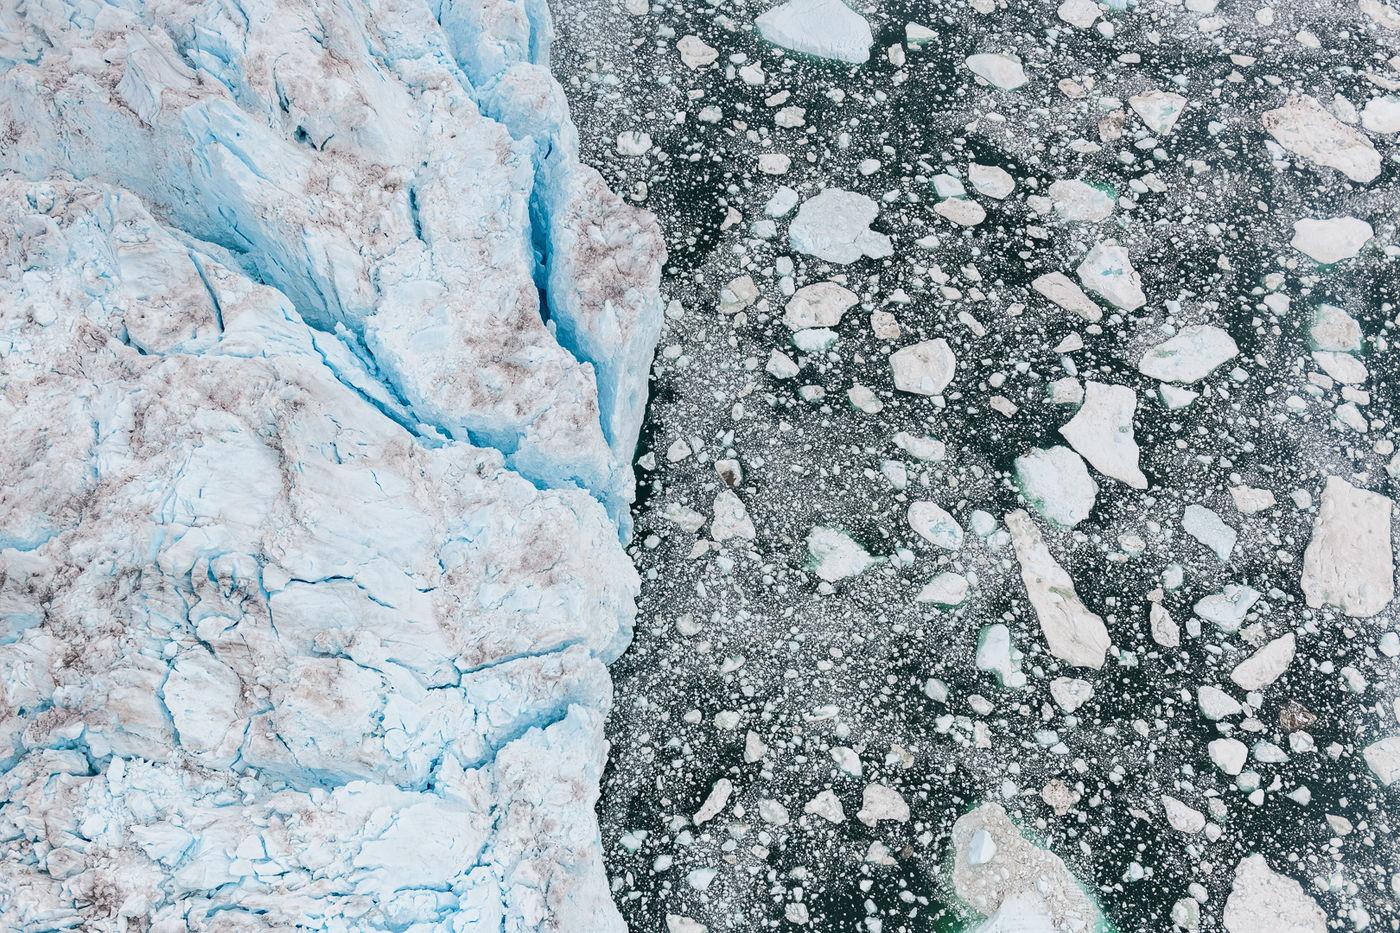 Een luchtfoto van de grens tussen gletsjer en wateroppervlak. © Bart Heirweg